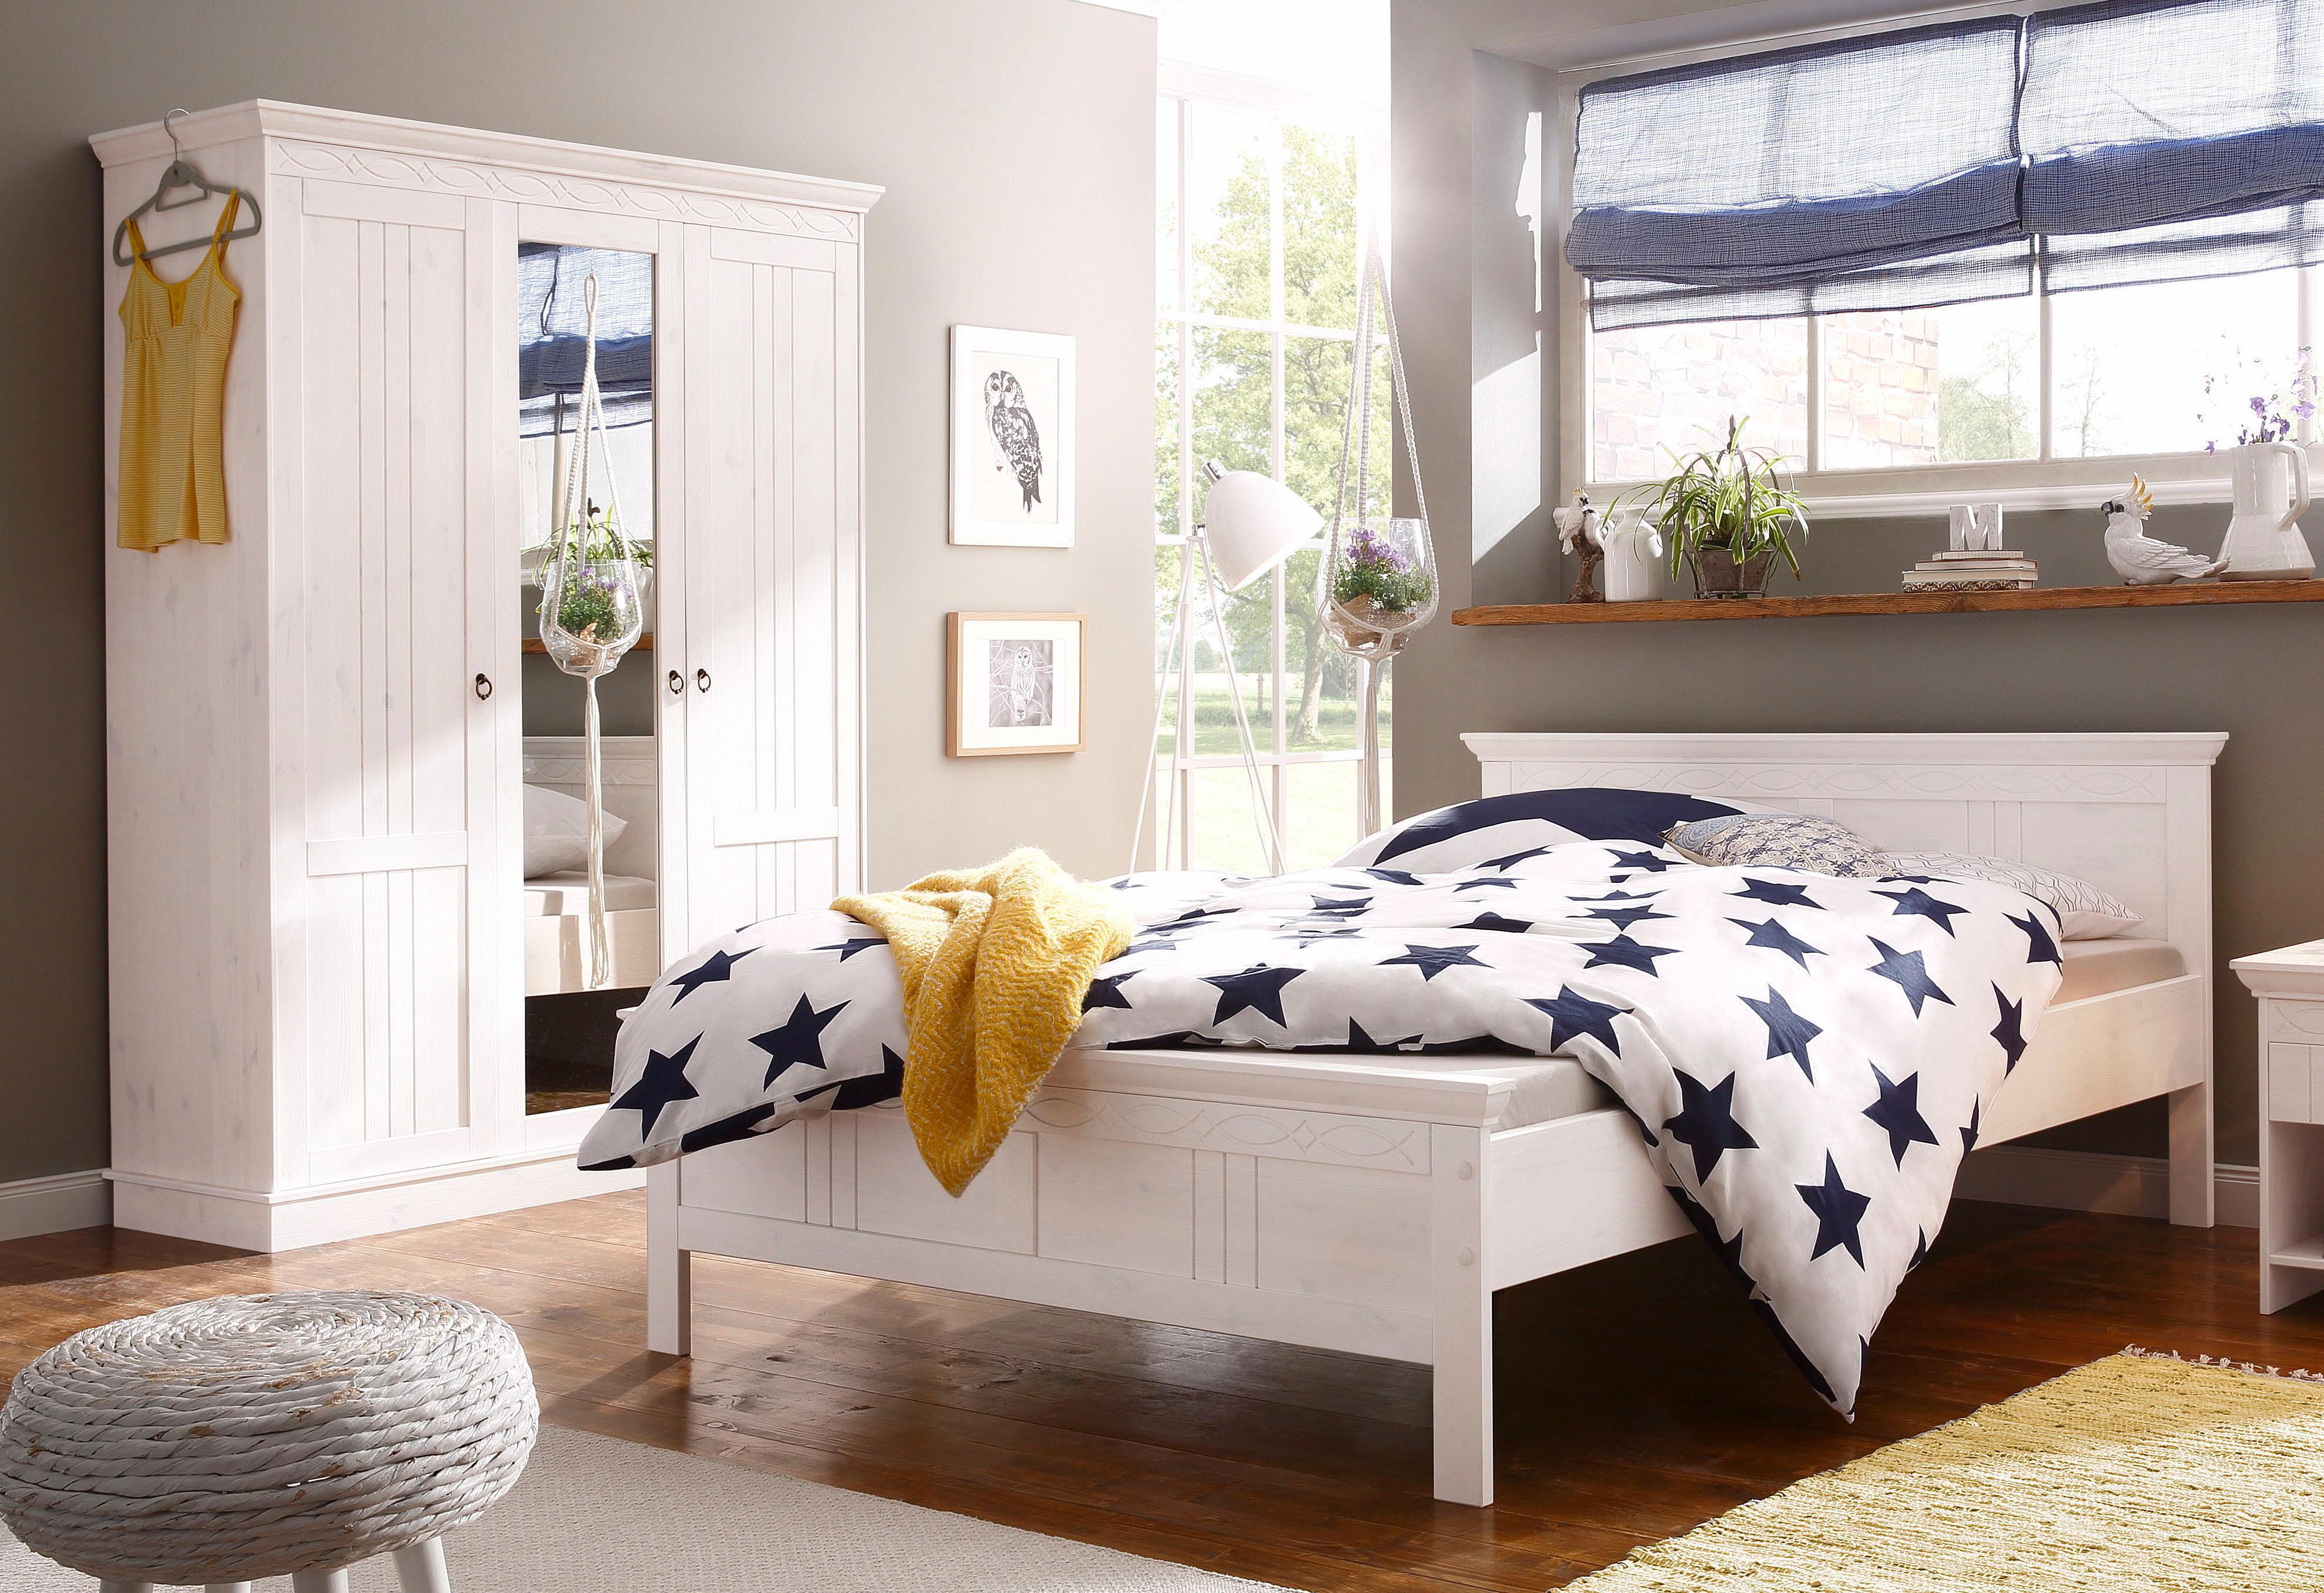 Fantastisch Schlafzimmer Cremefarben Eigenschaften   Wohndesign